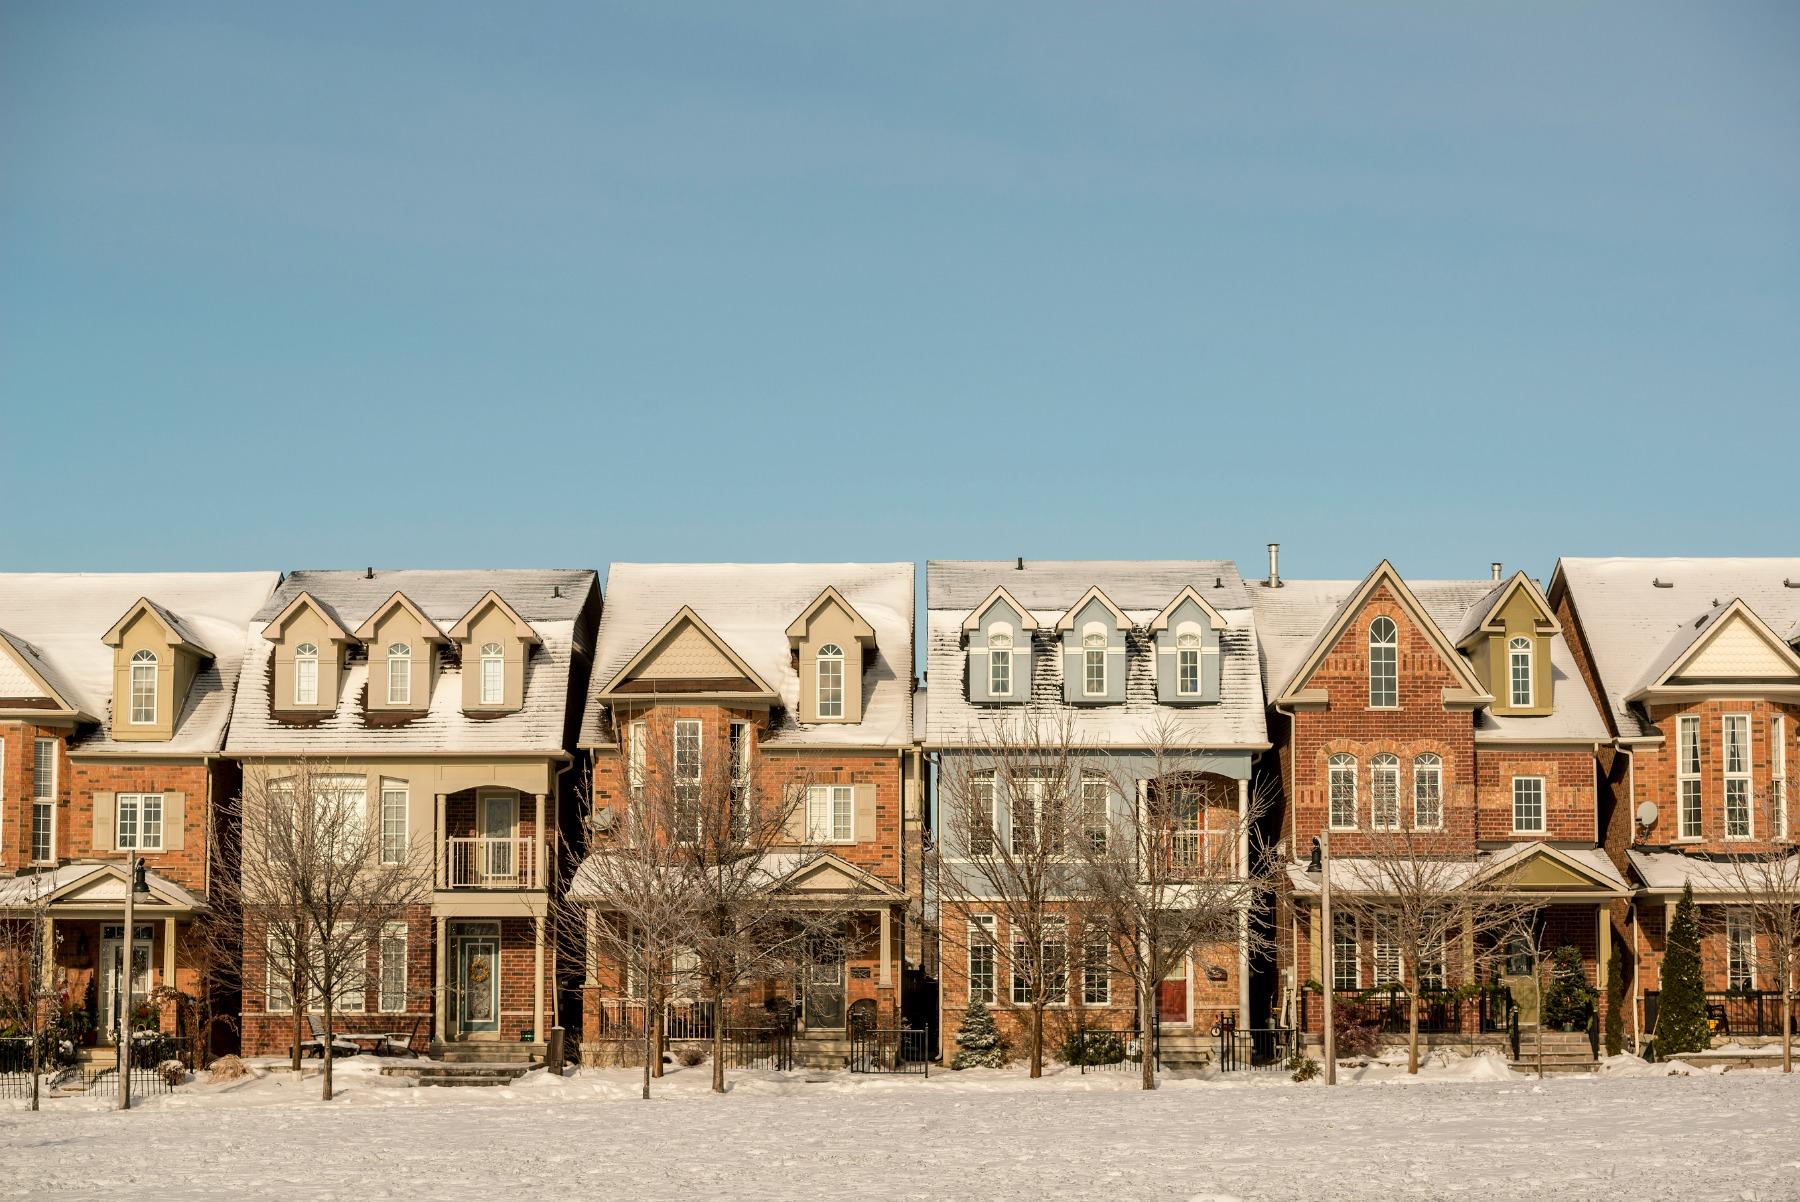 Row of Houses on a Snowy Street